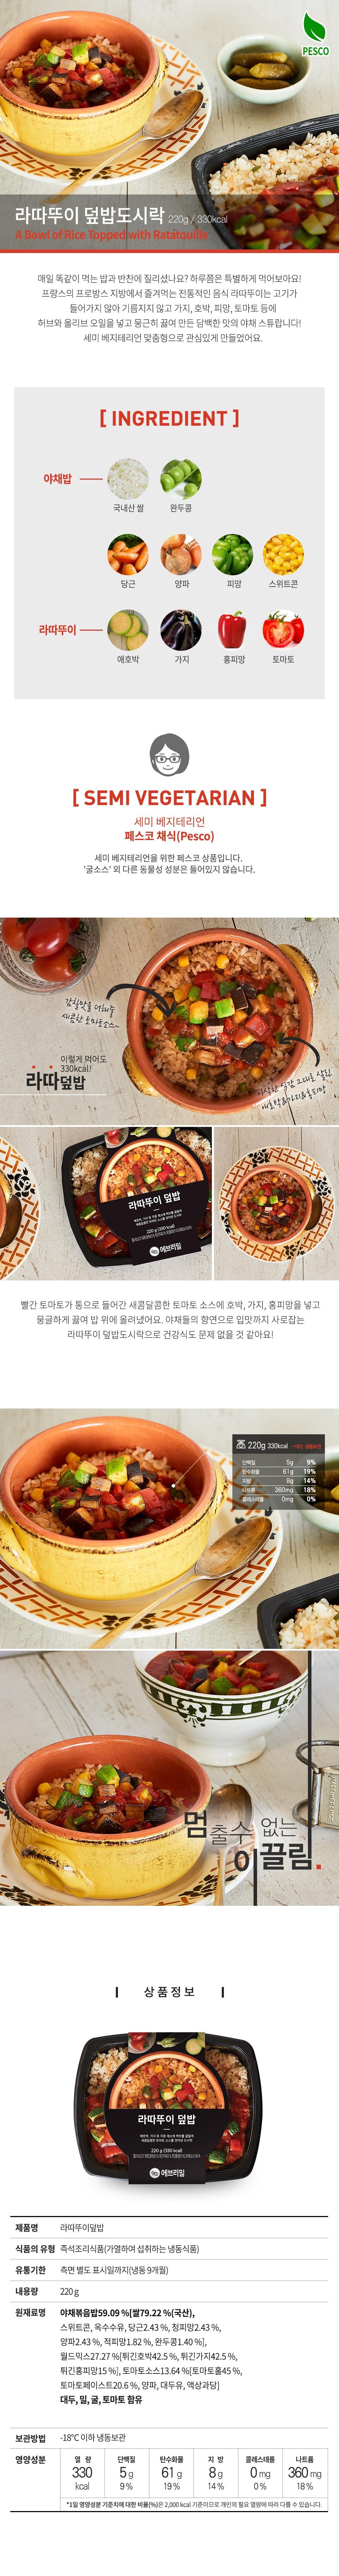 에브리밀 슬림덮밥 체험단 모집 (11.12~11.19)